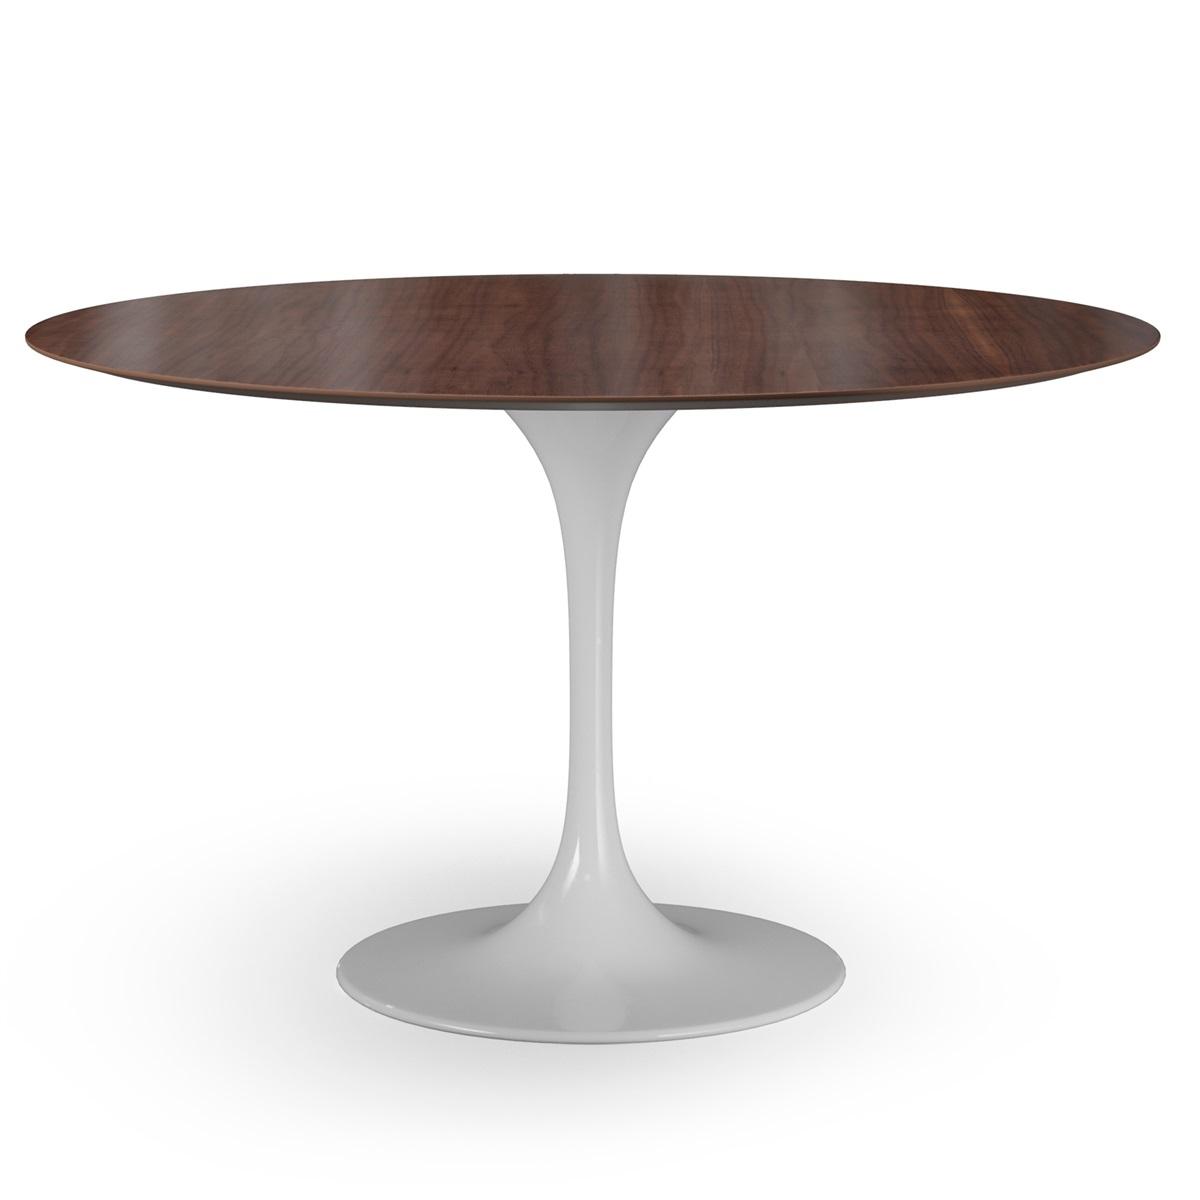 Saarinen Tulip Round Dining Table - Walnut tulip dining table